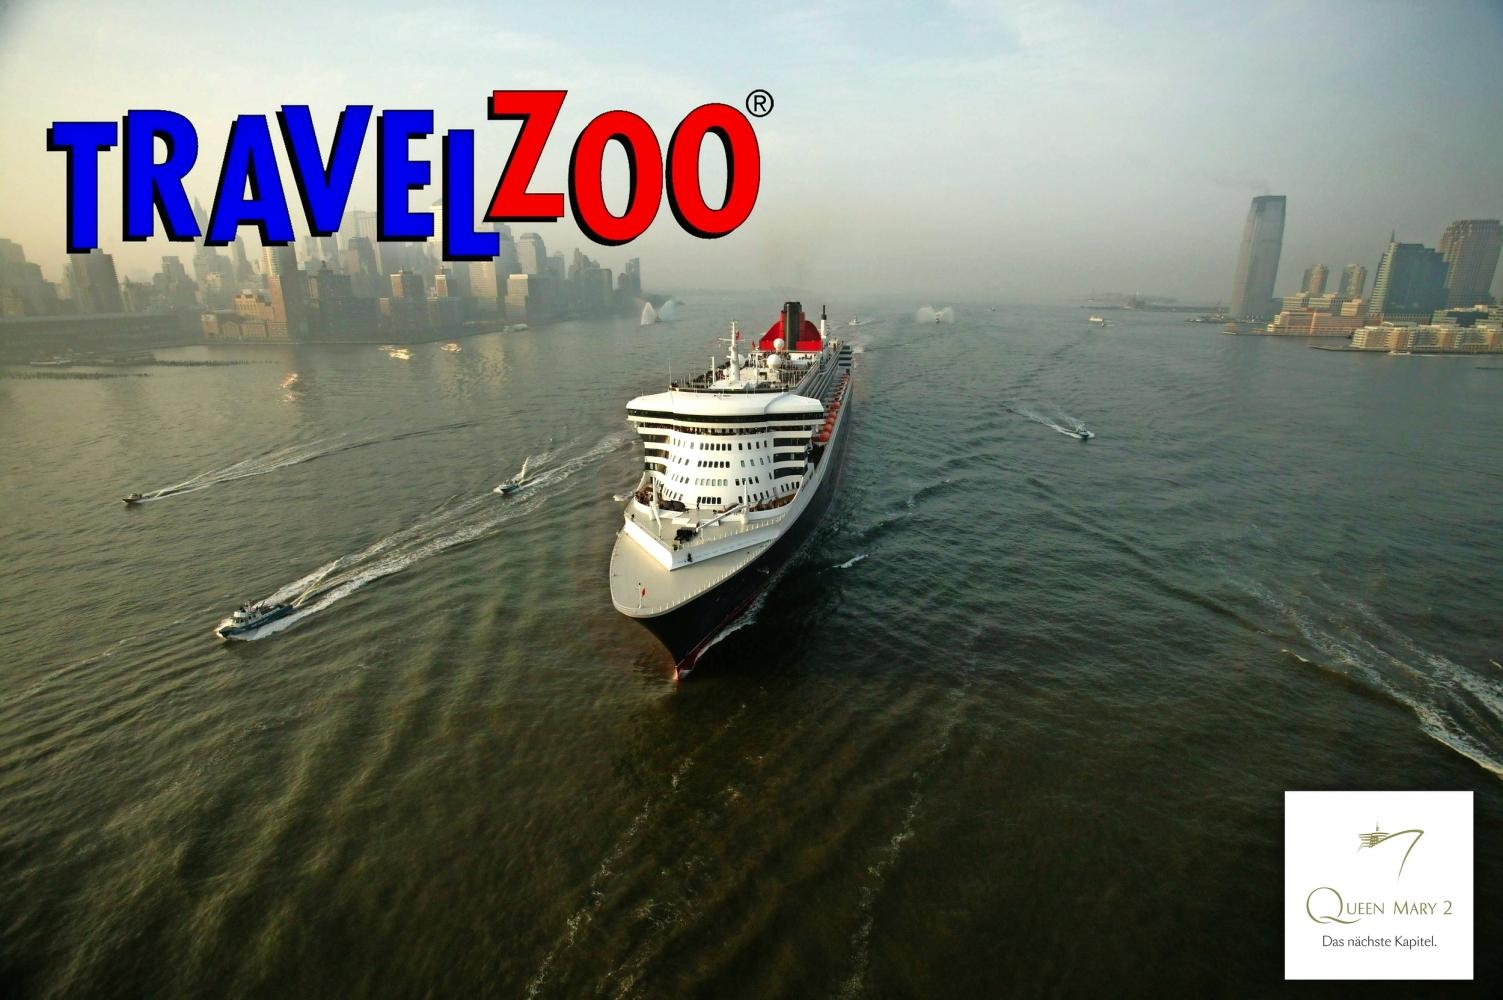 (Flughansa.de) 2 Personen New York und Transatlantikpassage an Bord der Queen Mary 2 10 Nächte ab New York / bis Southampton(inkl. Flüge, Transfers und 3 Vorübernachtungen in NYC) (1390€/Person)